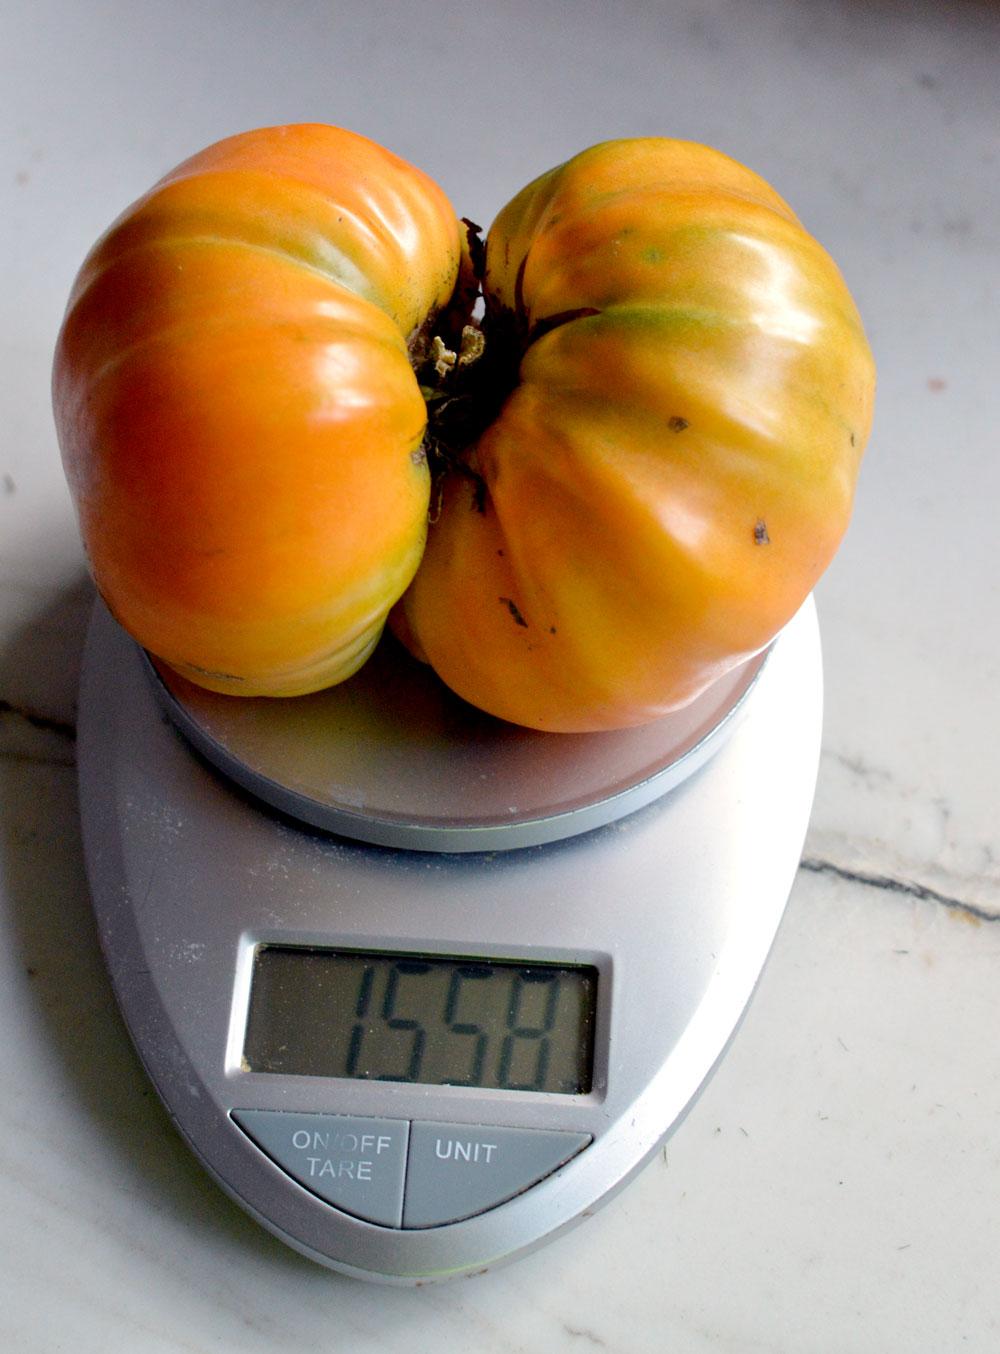 1.5 pound kellogs breakfast tomato